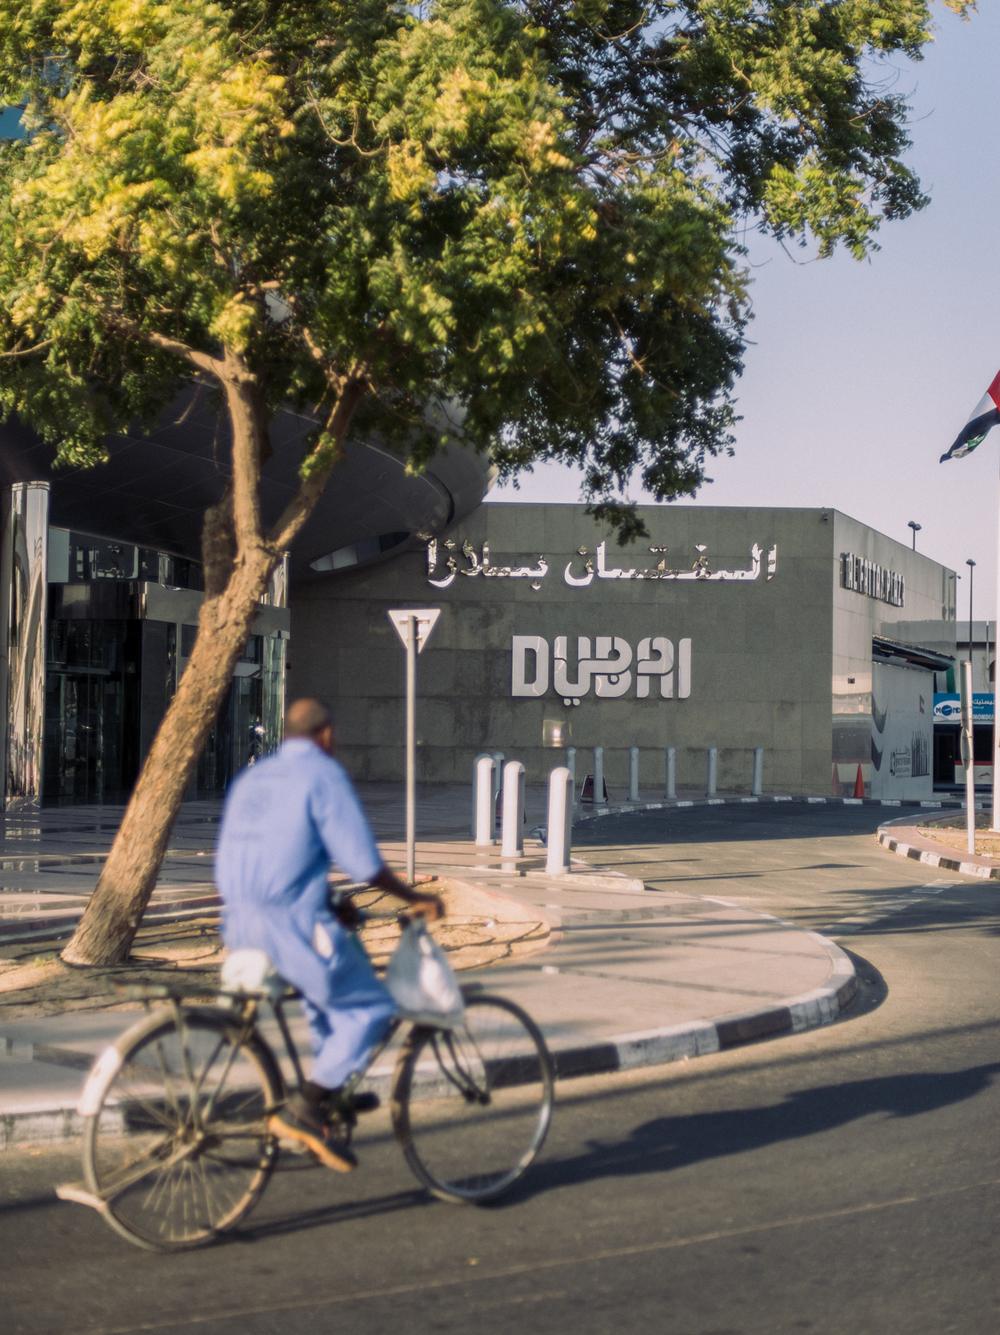 AA_1214_DubaiTourism-5.jpg